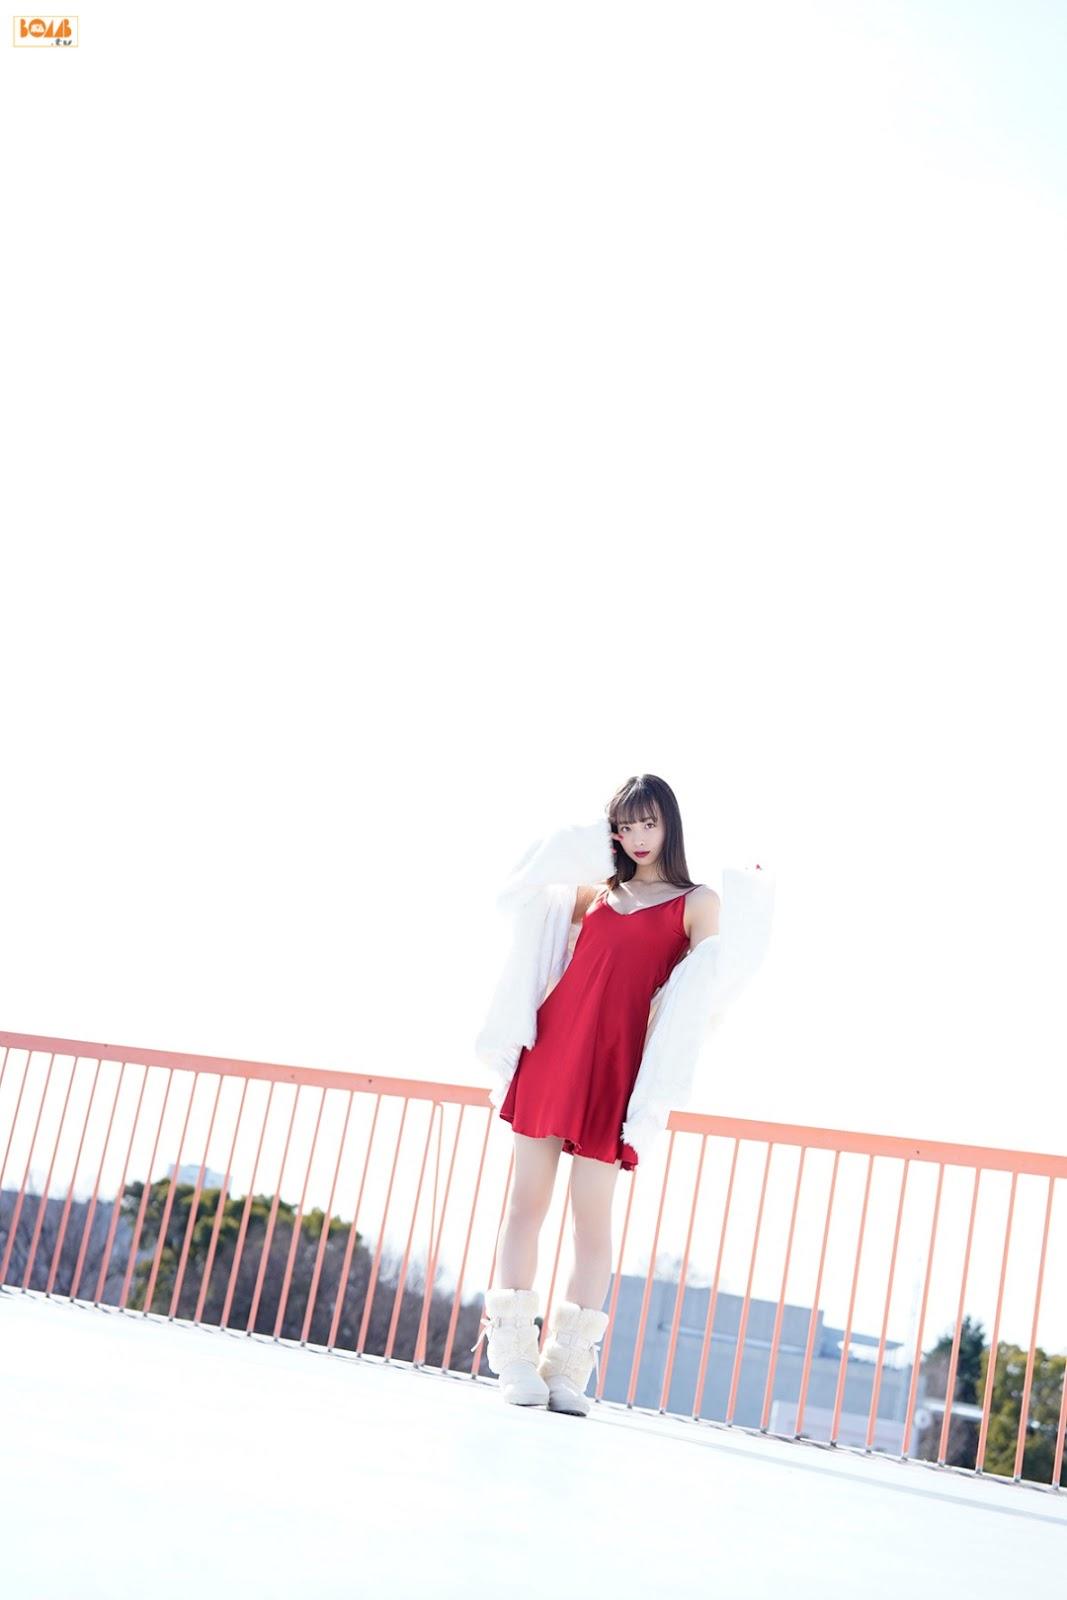 Hanamura 01008